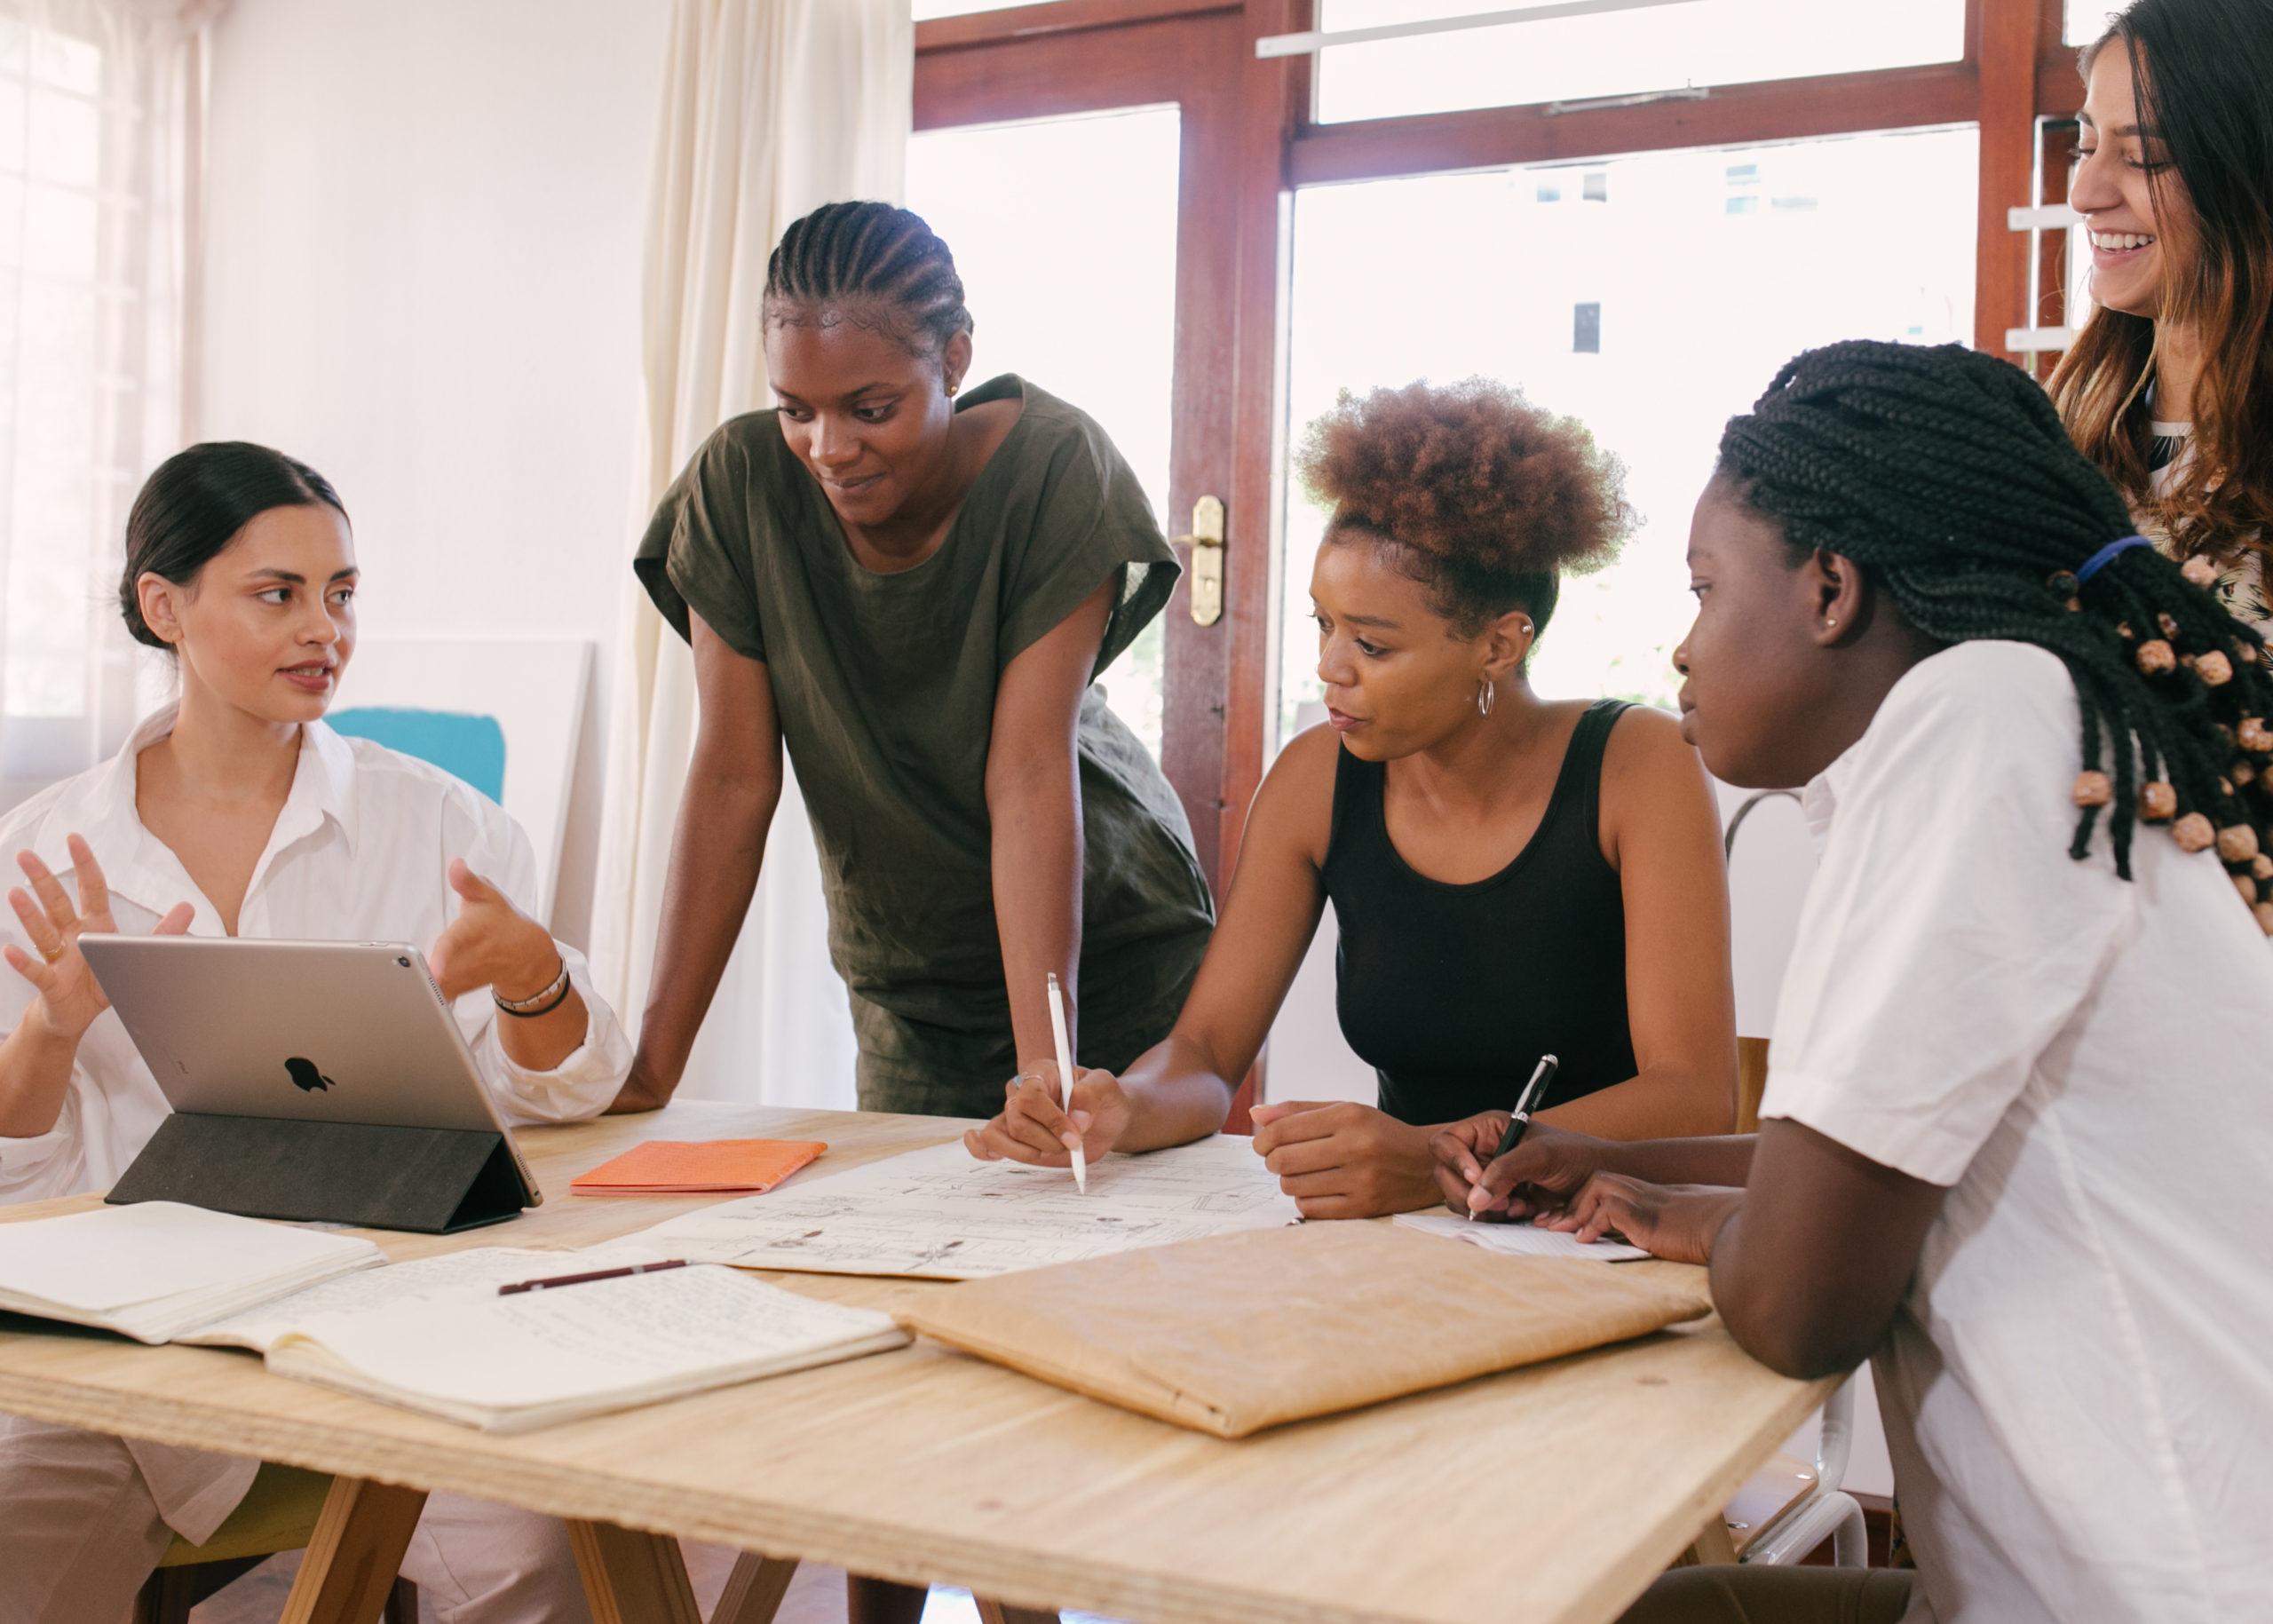 Impact du bien-être - La productivité augmente tout comme la motivation des travailleurs